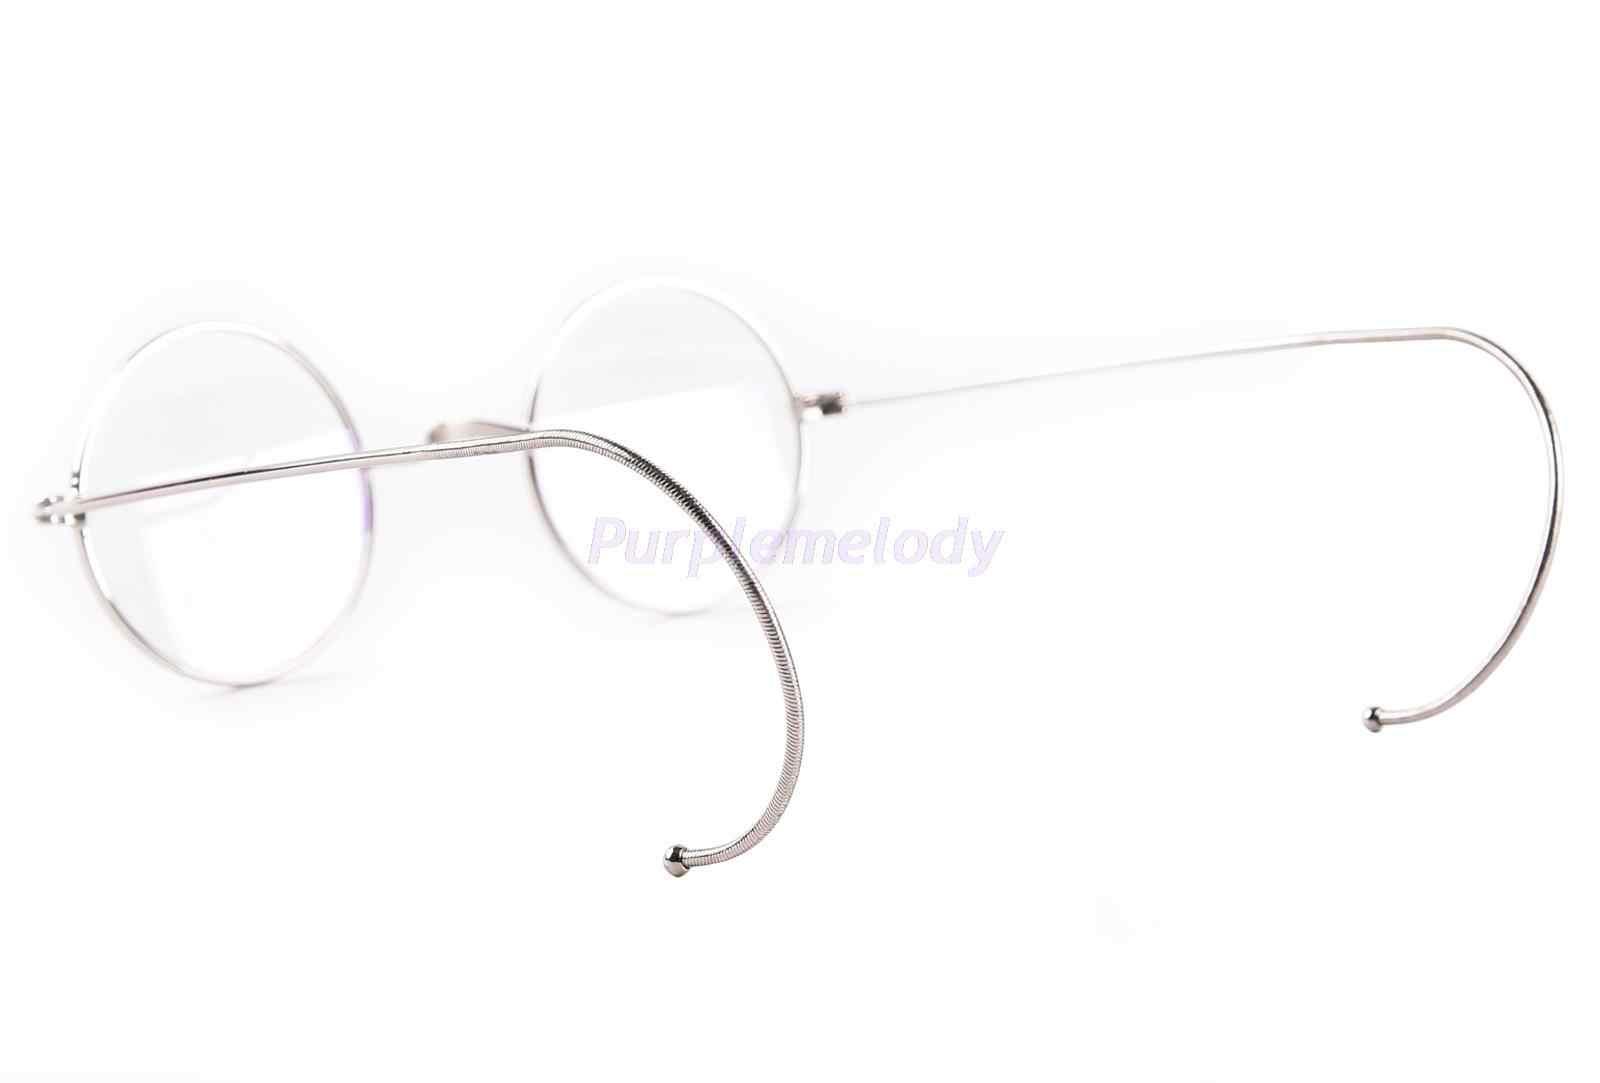 76260594c2 ... 39mm pequeño redondo óptico raro Borde de alambre prescripción gafas  marco niños antiguos ...